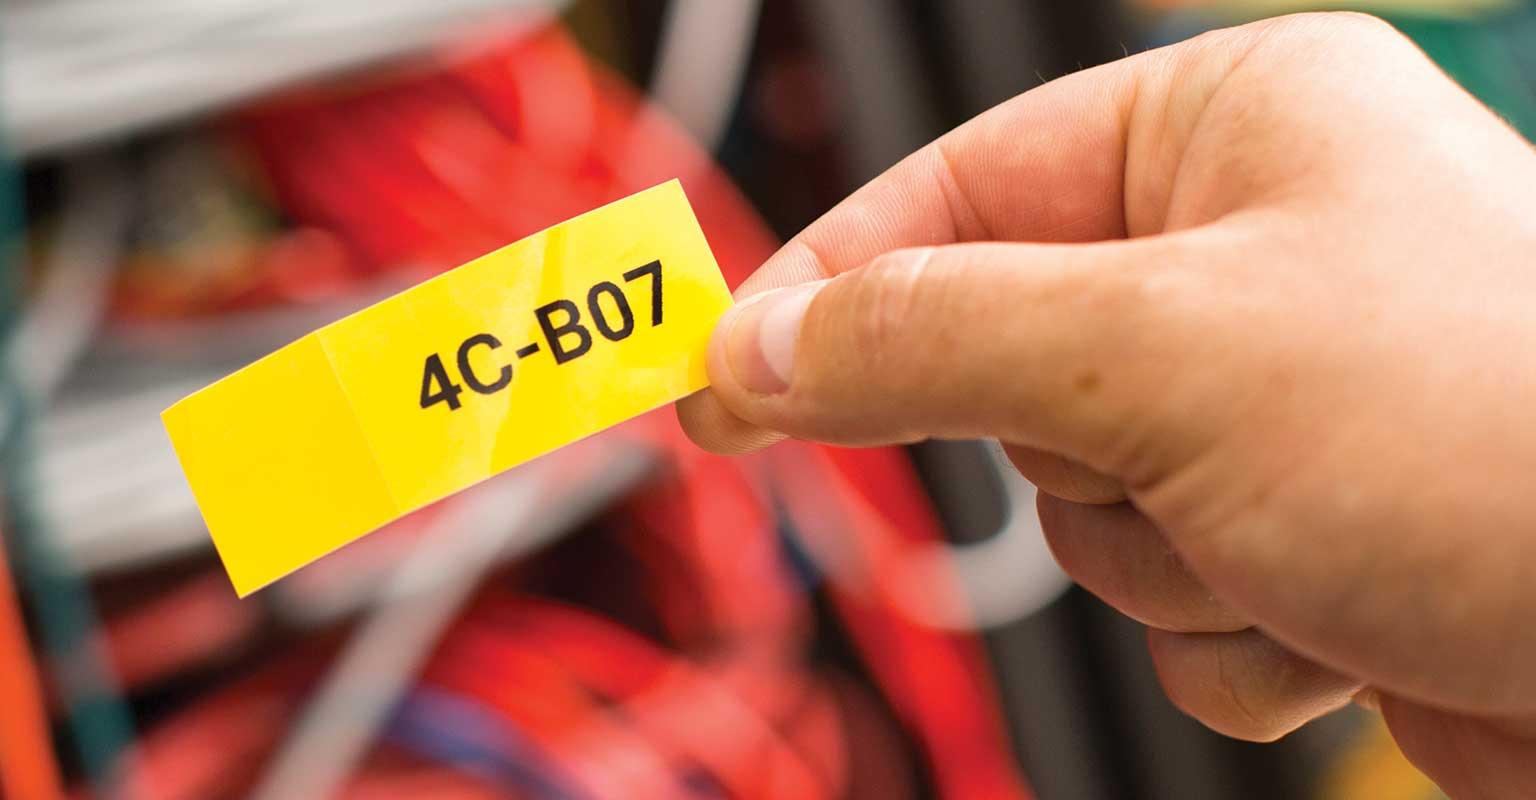 Nalepka po meri, natisnjena prek mobilne aplikacije Brother Cable Label Tool